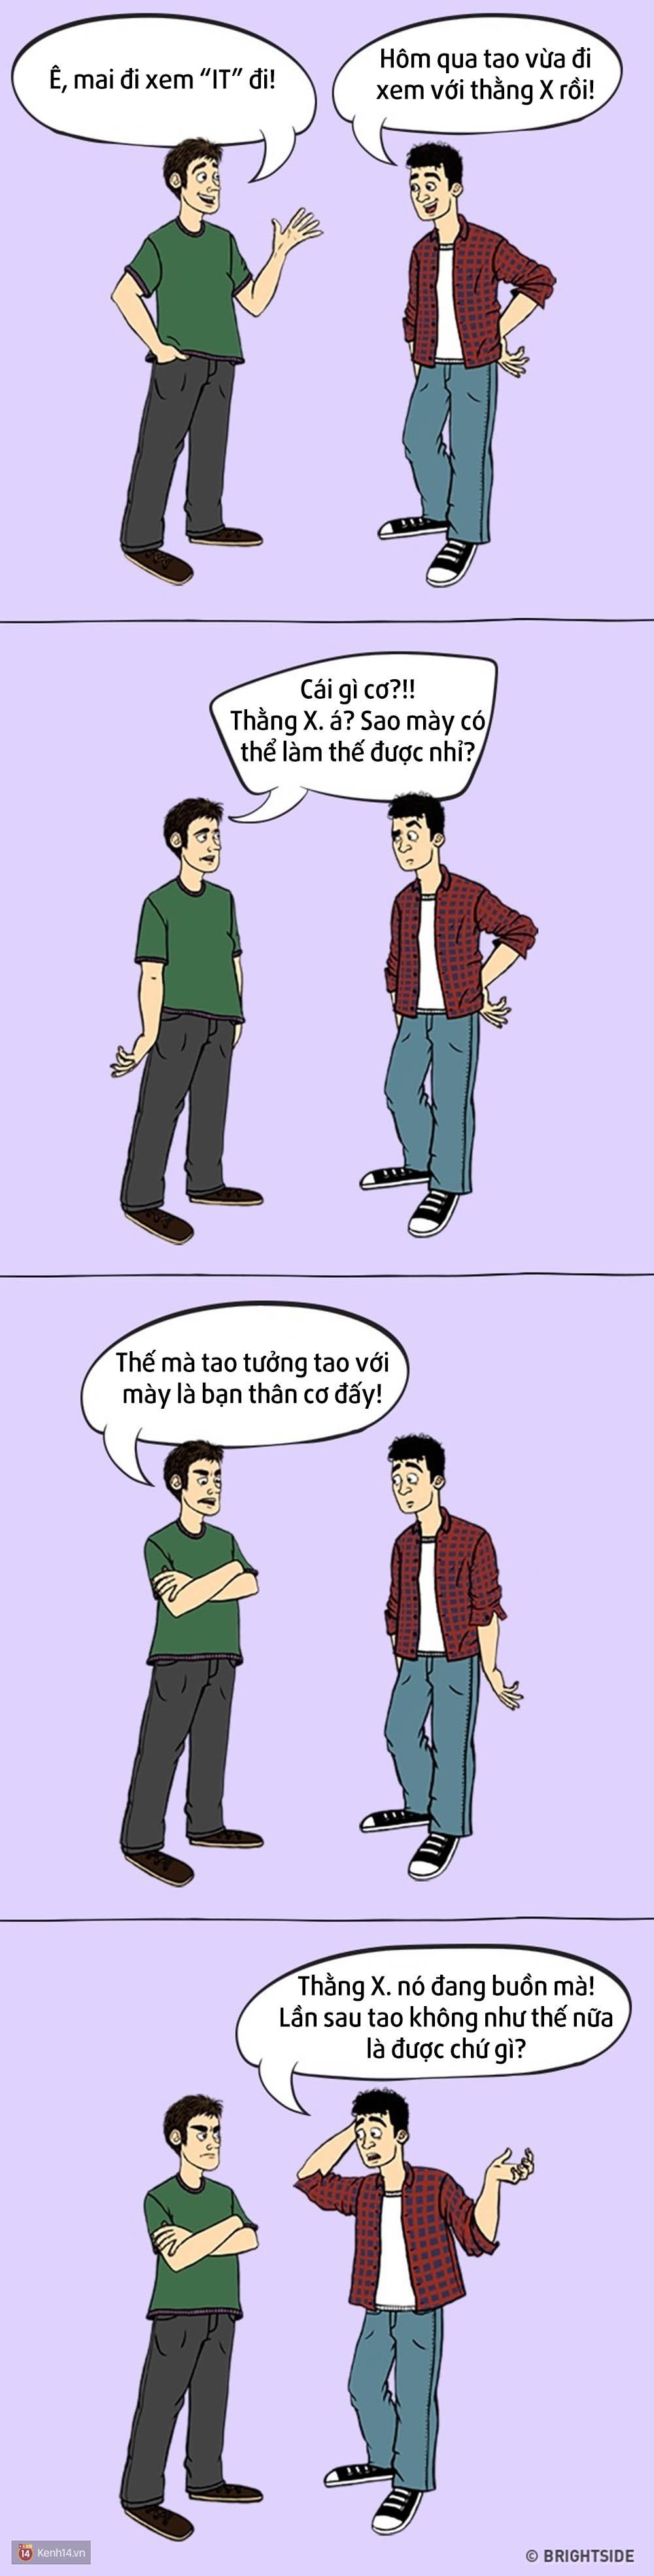 Nếu có bạn thân, bạn chắc chắn sẽ hiểu 10 tình huống sau - Ảnh 5.